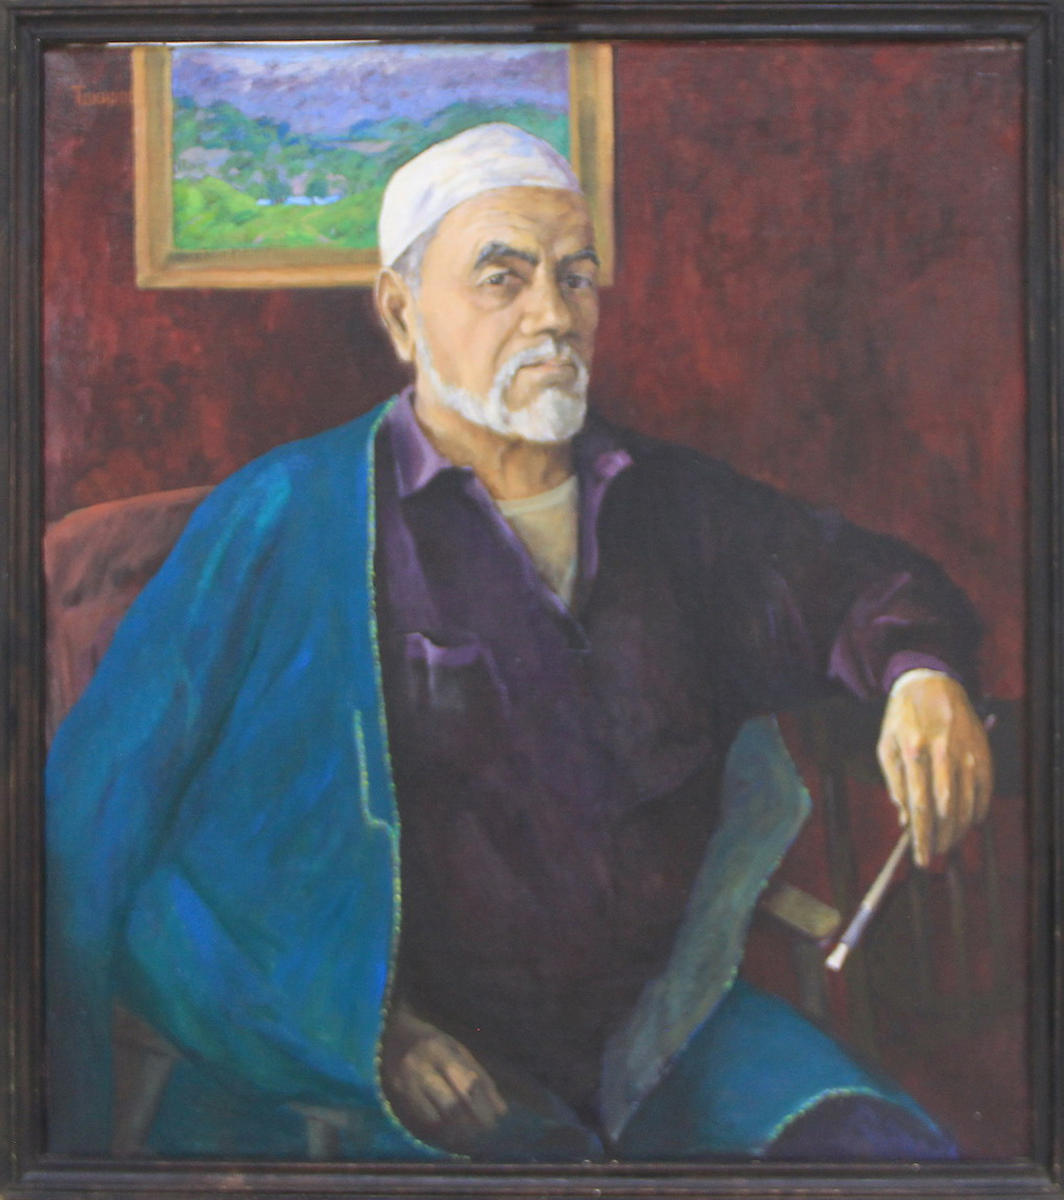 Тахиров Пахриддин. Автопортрет. 2003